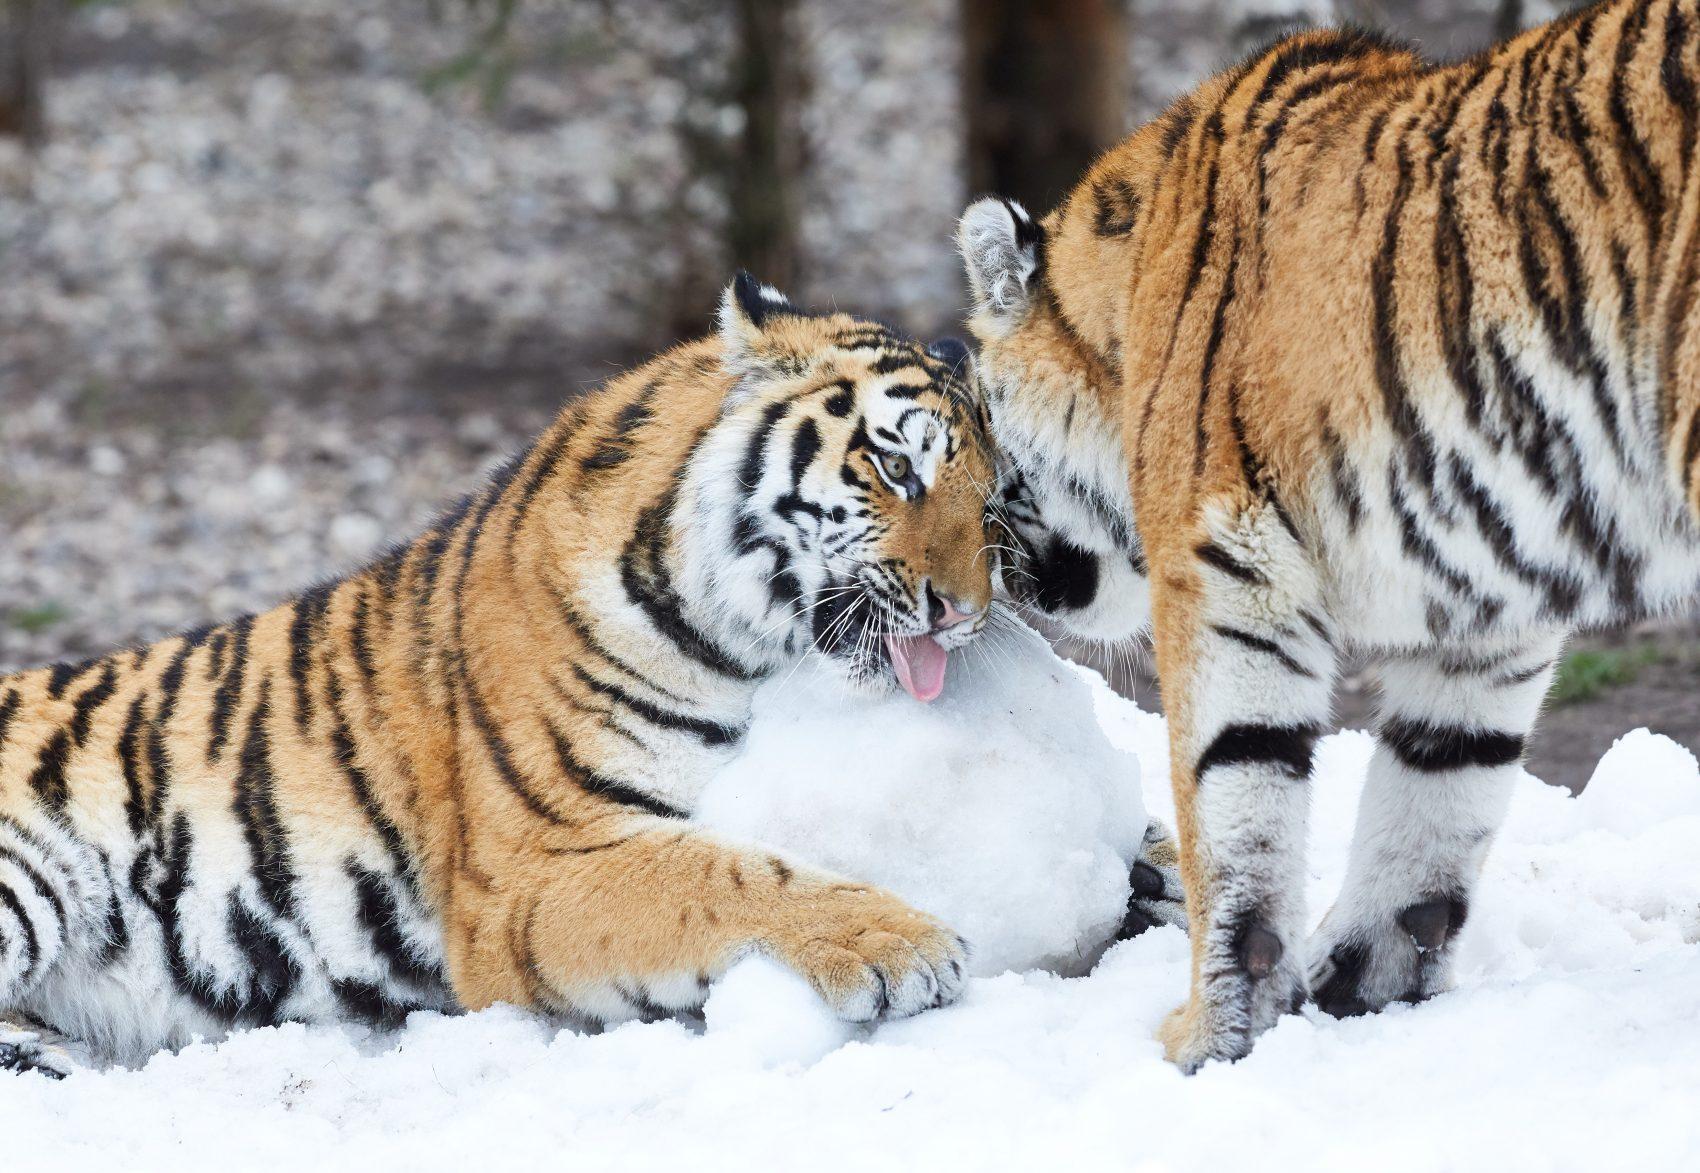 Tigres siberianos, uma das espécies ameaçadas de extinção pela ação predatória dos seres humanos e o aquecimento global: 25% dos mamíferos ameaçados de extinção (Foto: Georg Wendt/DPA)